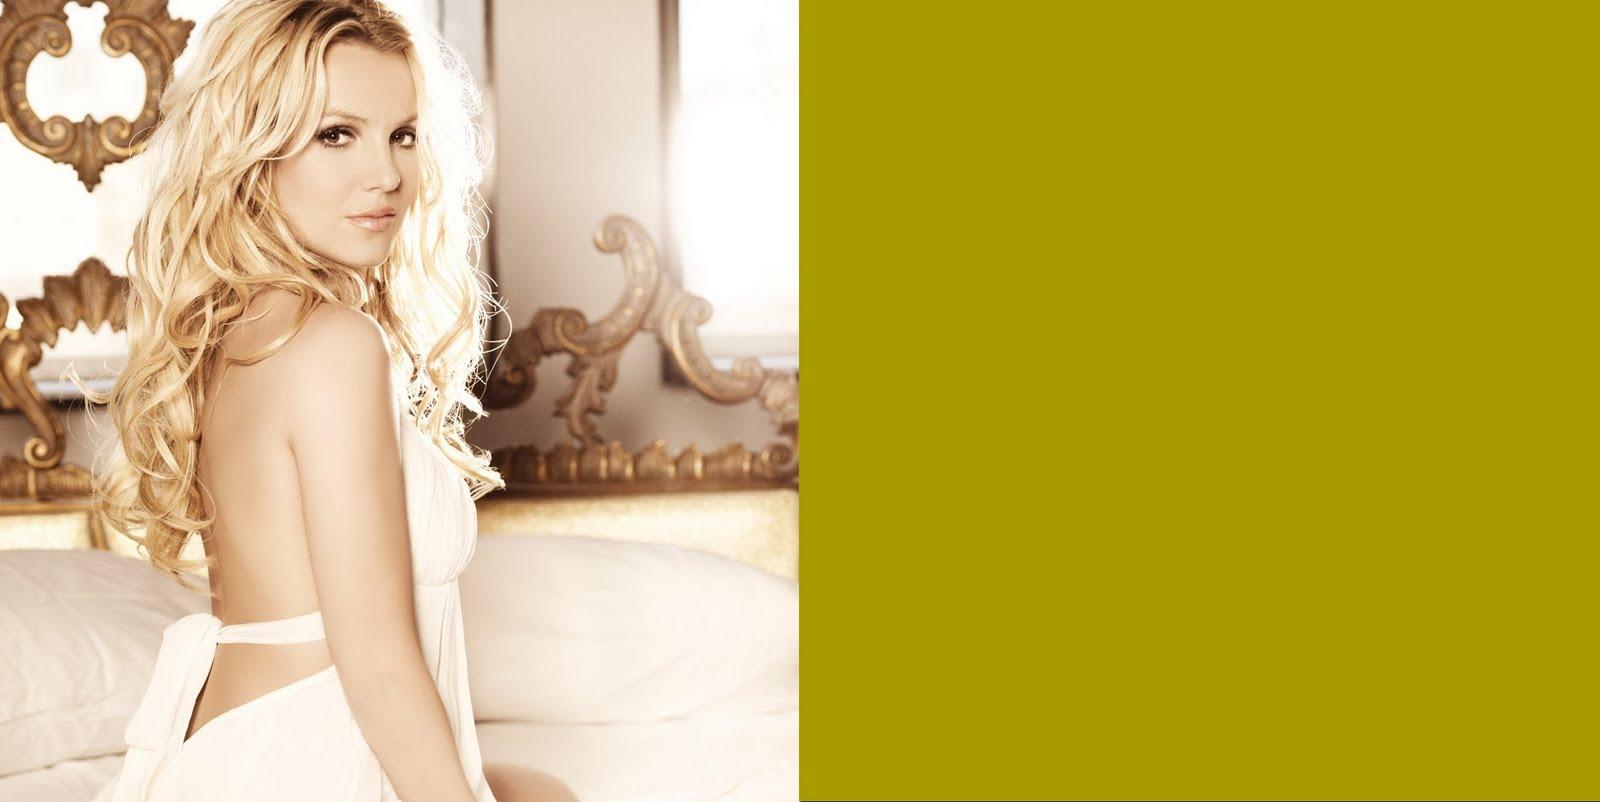 http://3.bp.blogspot.com/-wSaYbB-aD0c/TdmCc4ssh2I/AAAAAAAACDI/S_5FDVbC80Y/s1600/Britney-Spears-Femme-Fatale-Wallpaper-HD-Photo-Picture-Image-4.jpg